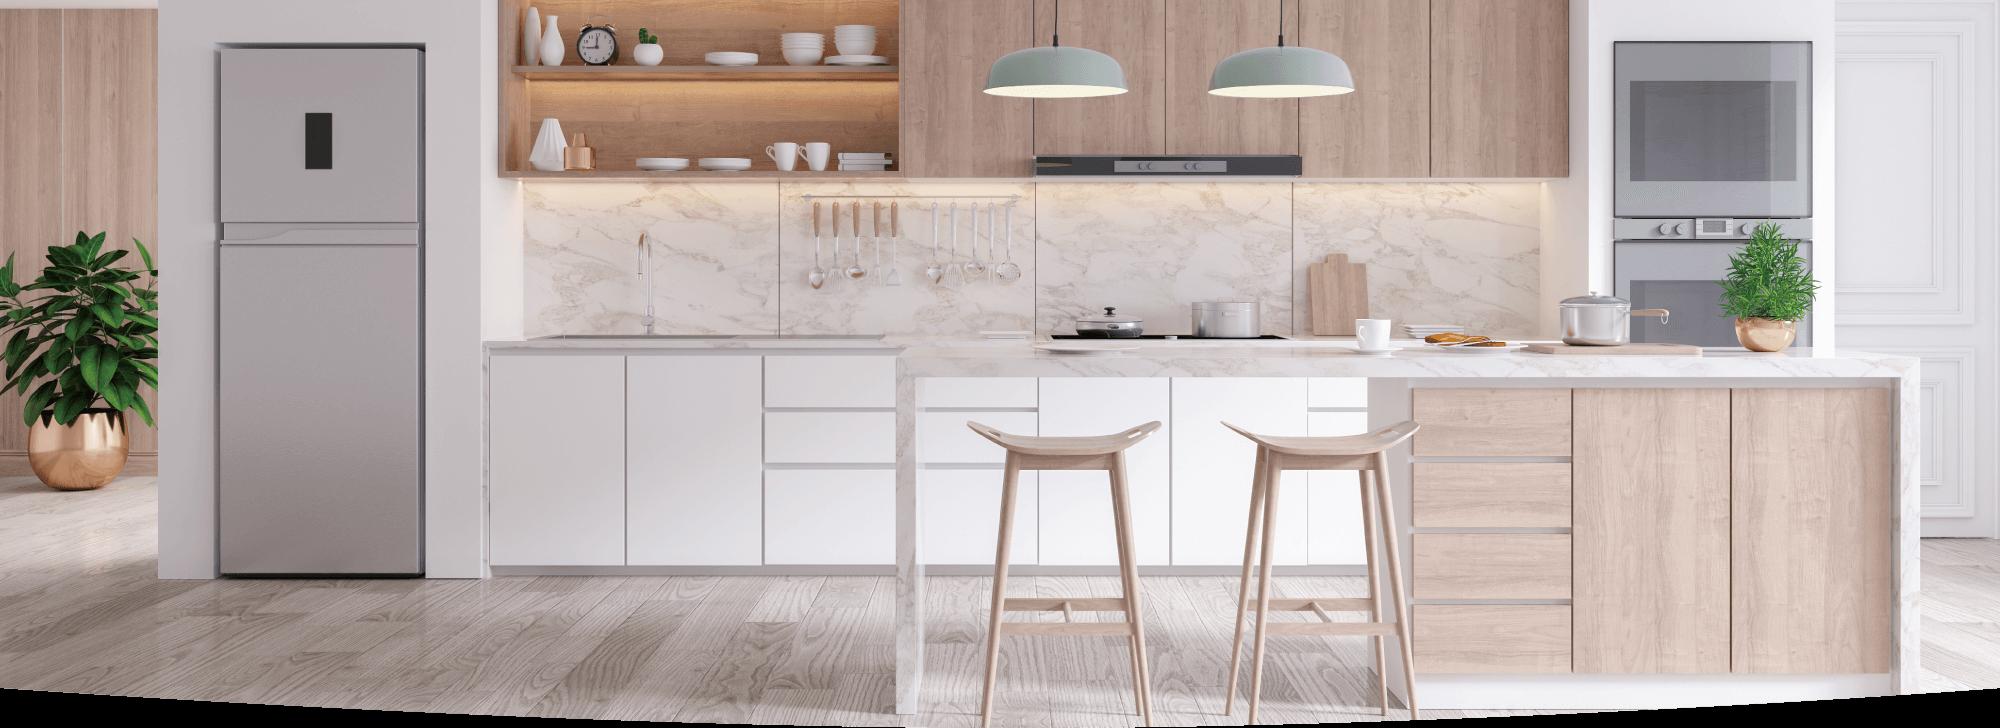 キッチン kitchen reform